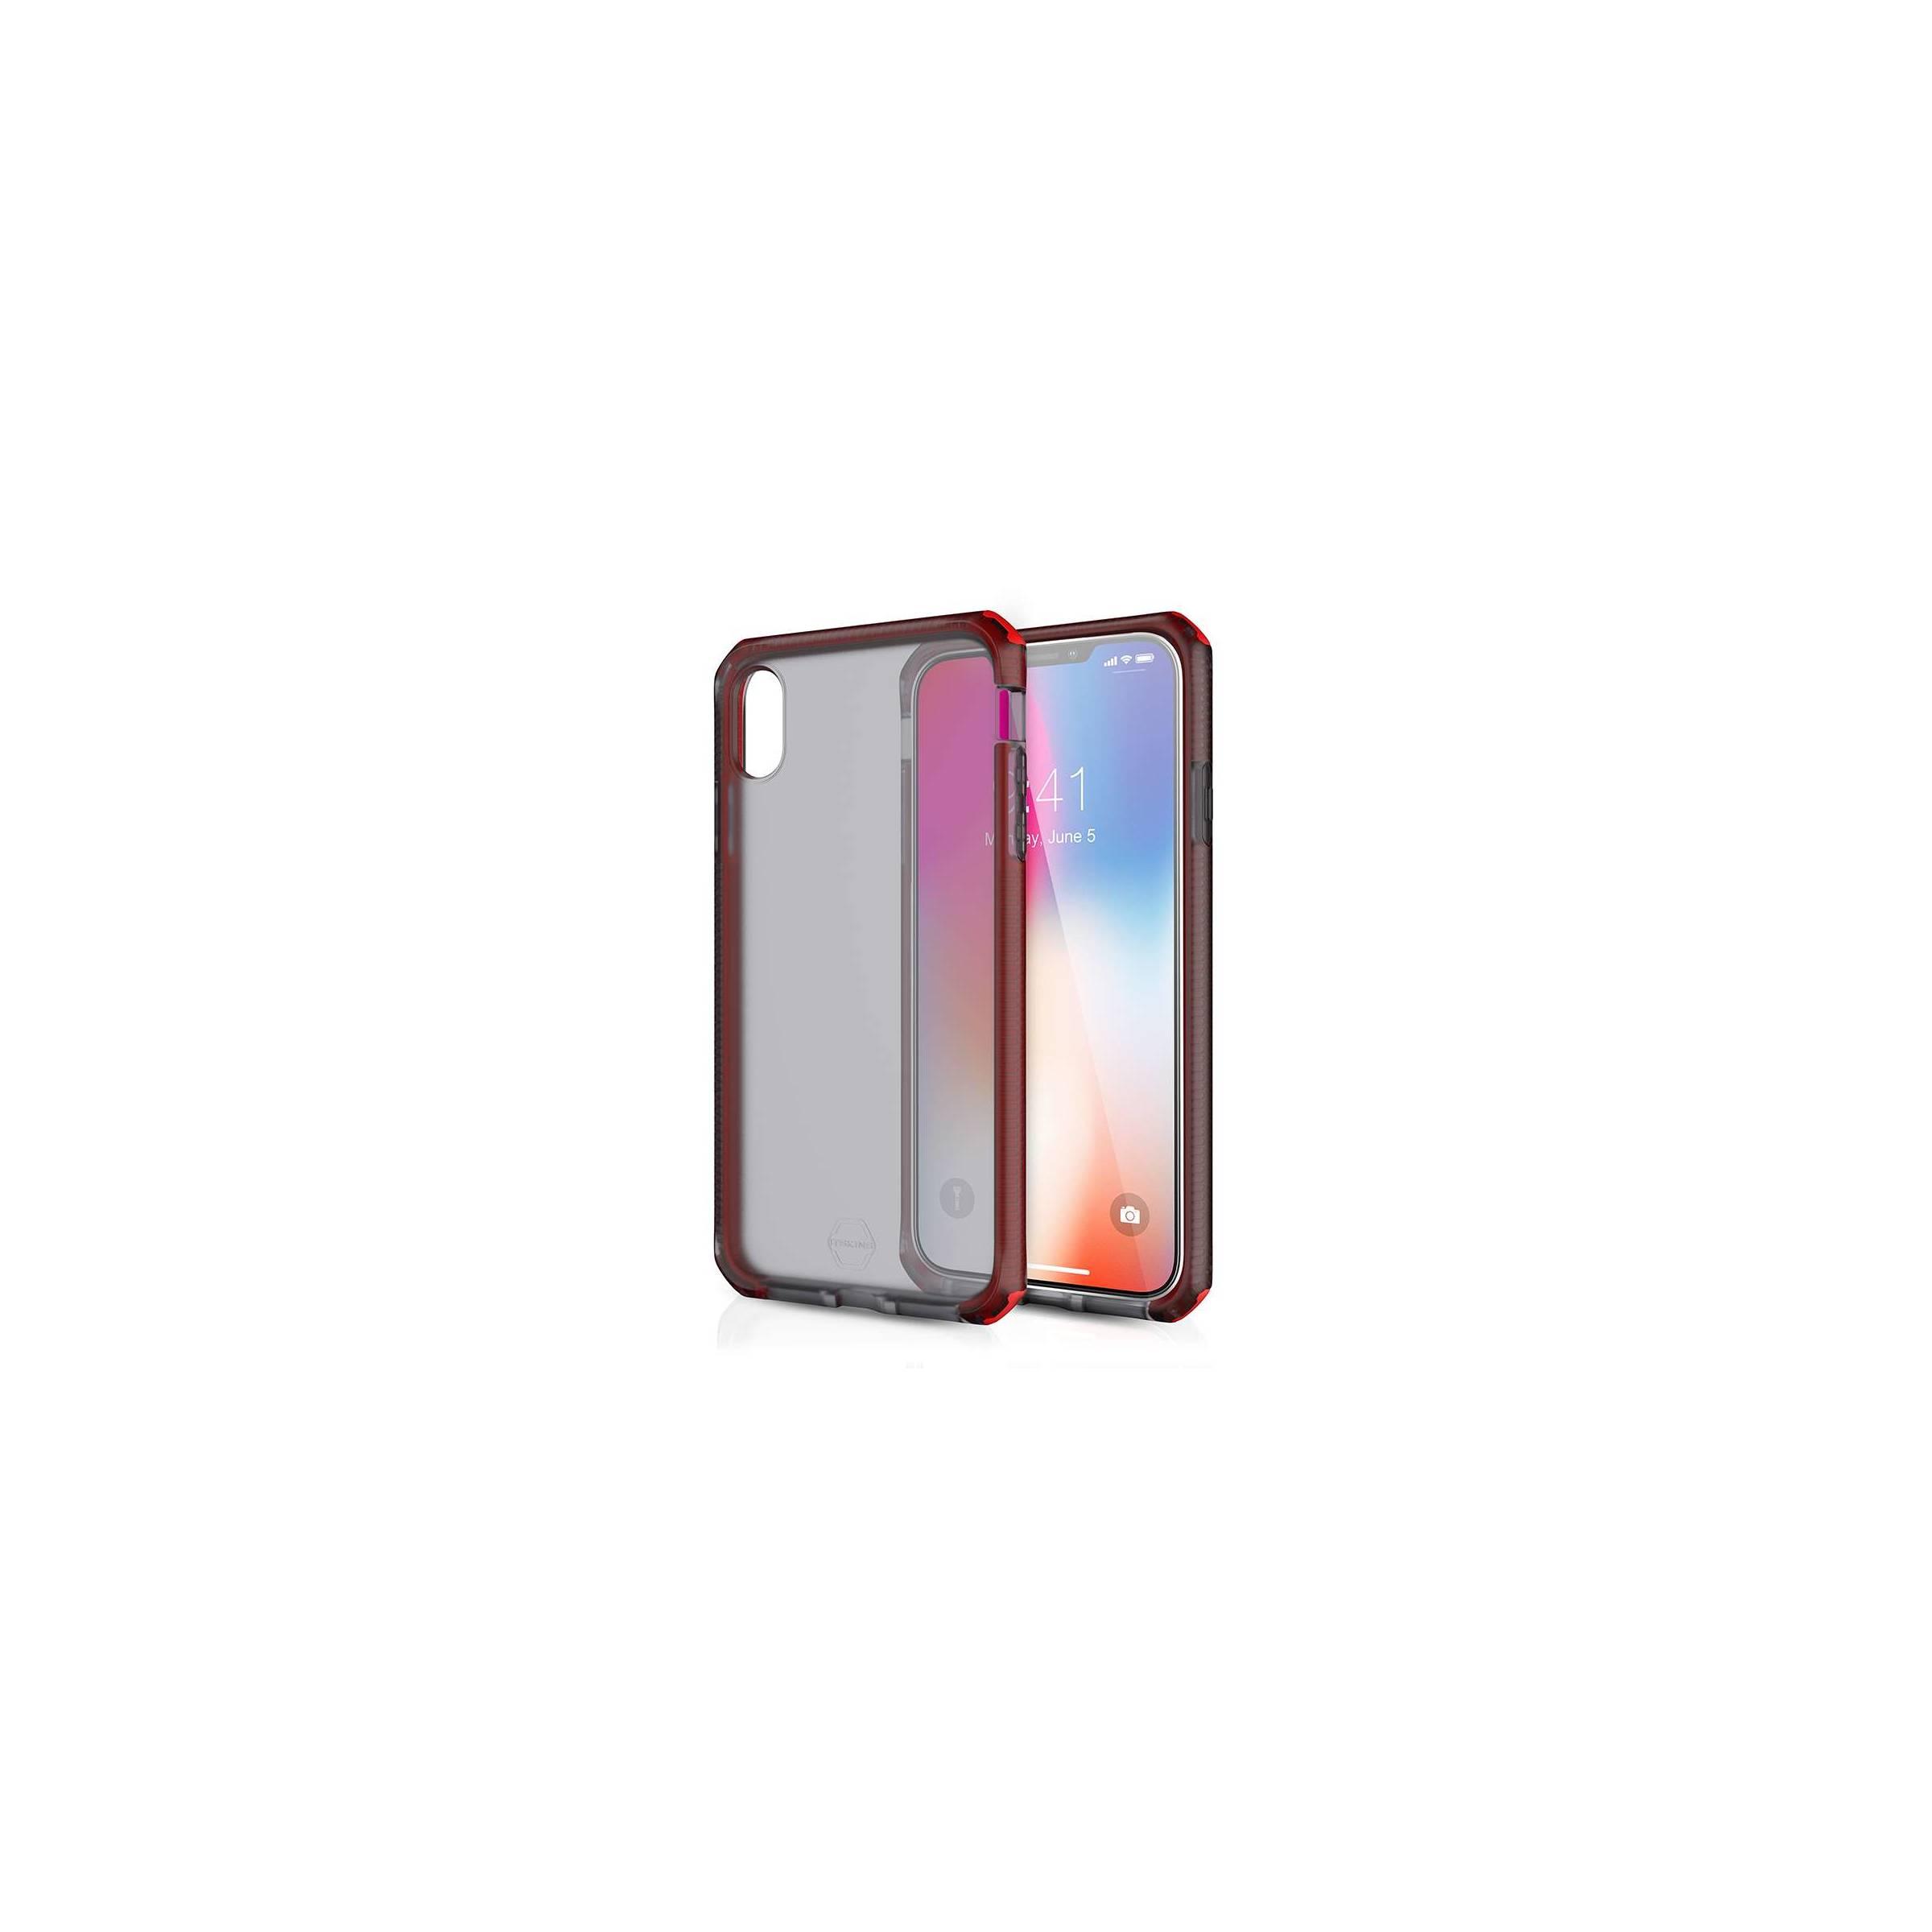 itskins Itskins supreme clear protect cover iphone xs max farve black-red på mackabler.dk